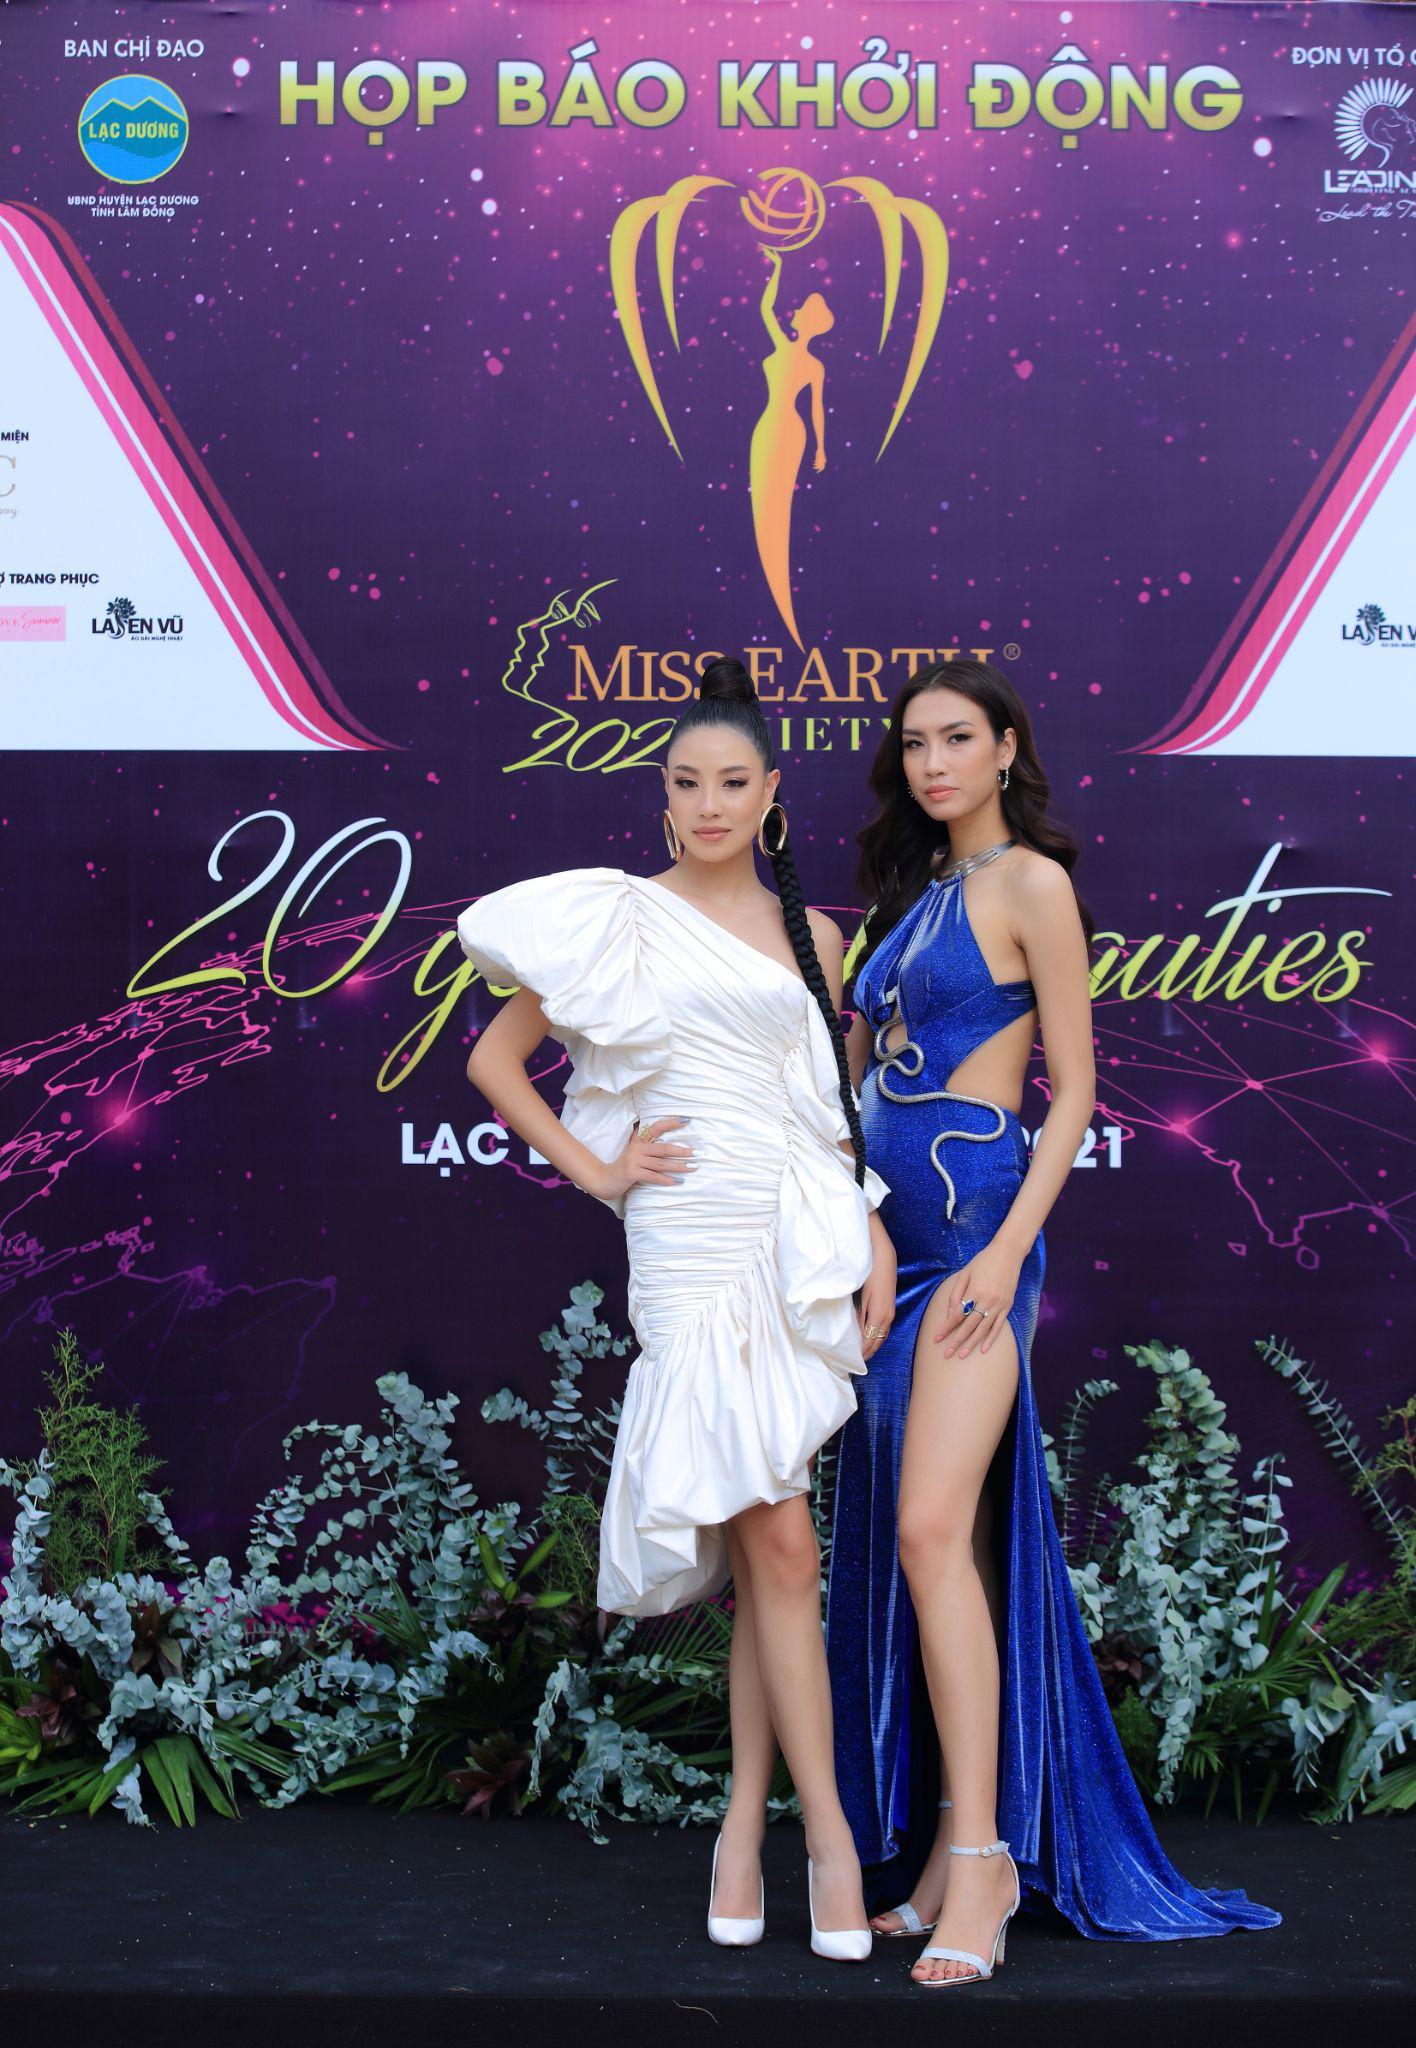 Hoa hậu Trái đất 2021 quy tụ dàn celeb khủng, hội ngộ 7 Miss Earth Vietnam - Ảnh 7.